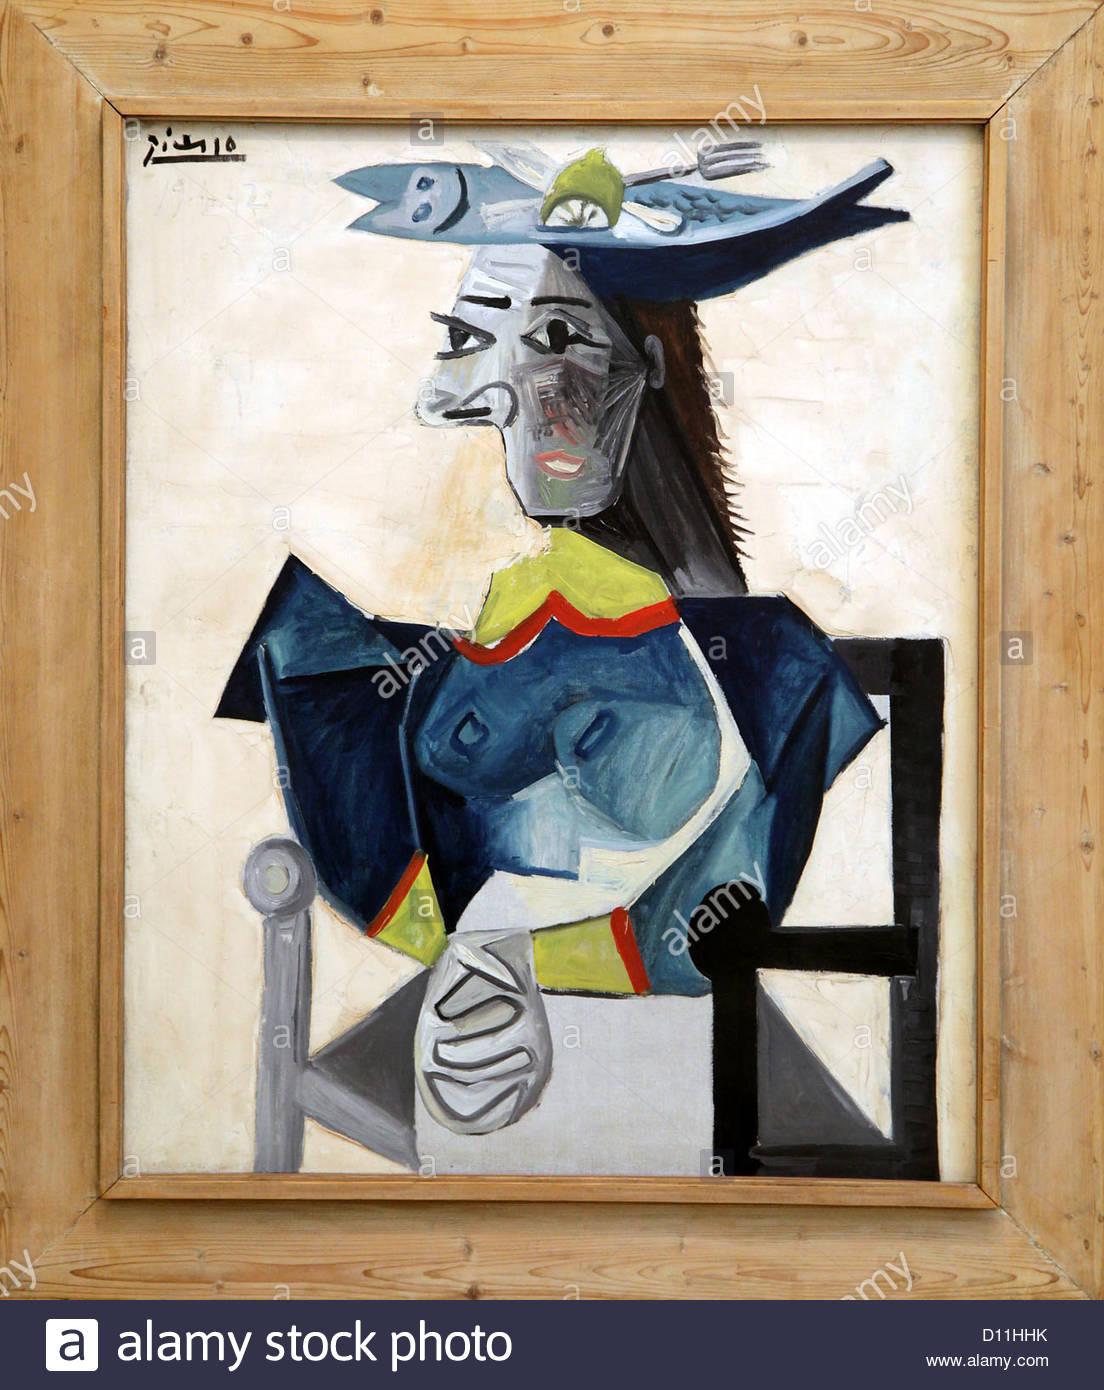 Pablo Picasso: Femme assise au chapeau en forme de poisson, 1942 ...